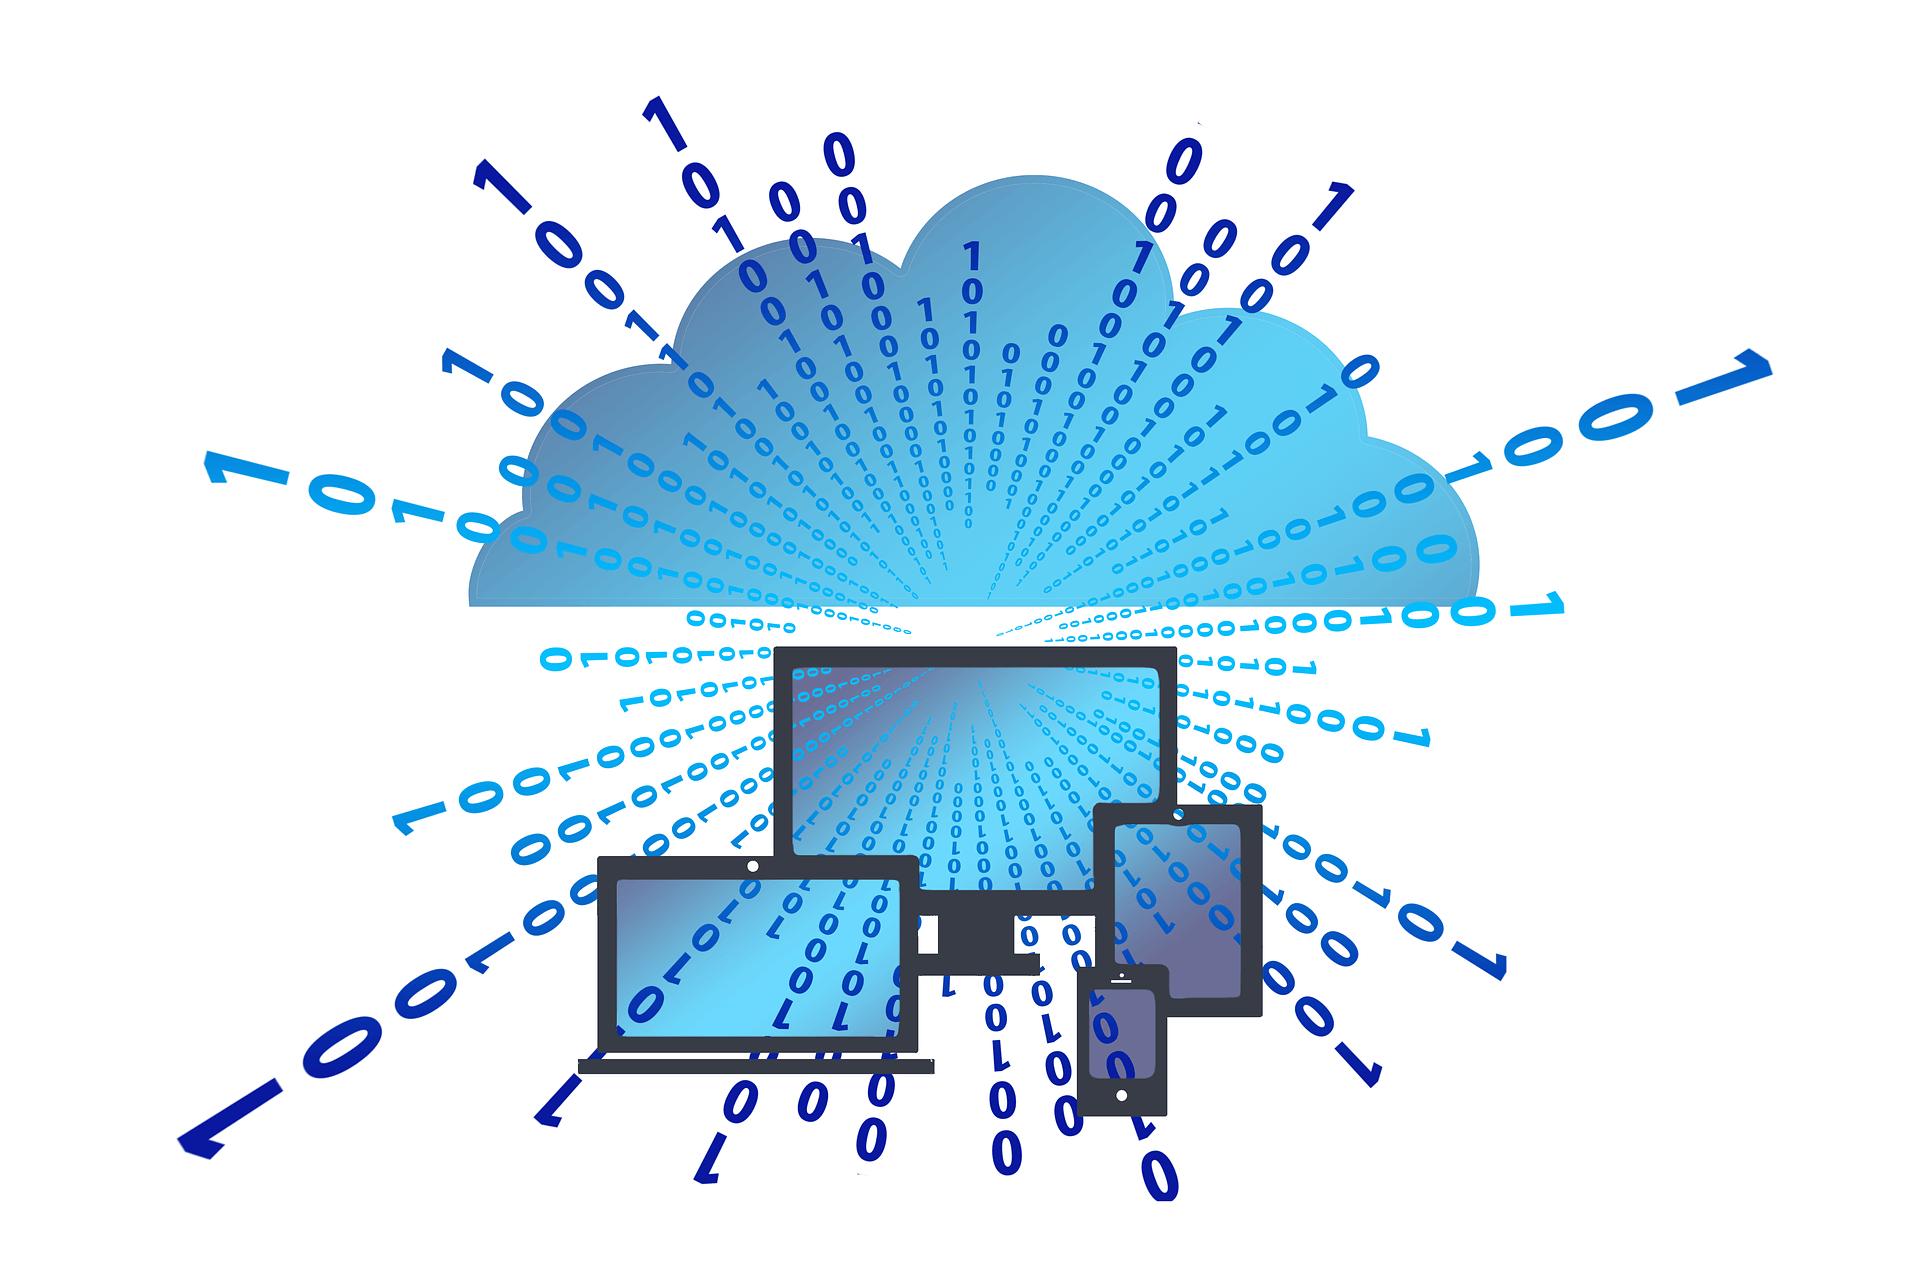 Existen multiples servicios digitales que han migrado a la nube, entre ellos los ERP